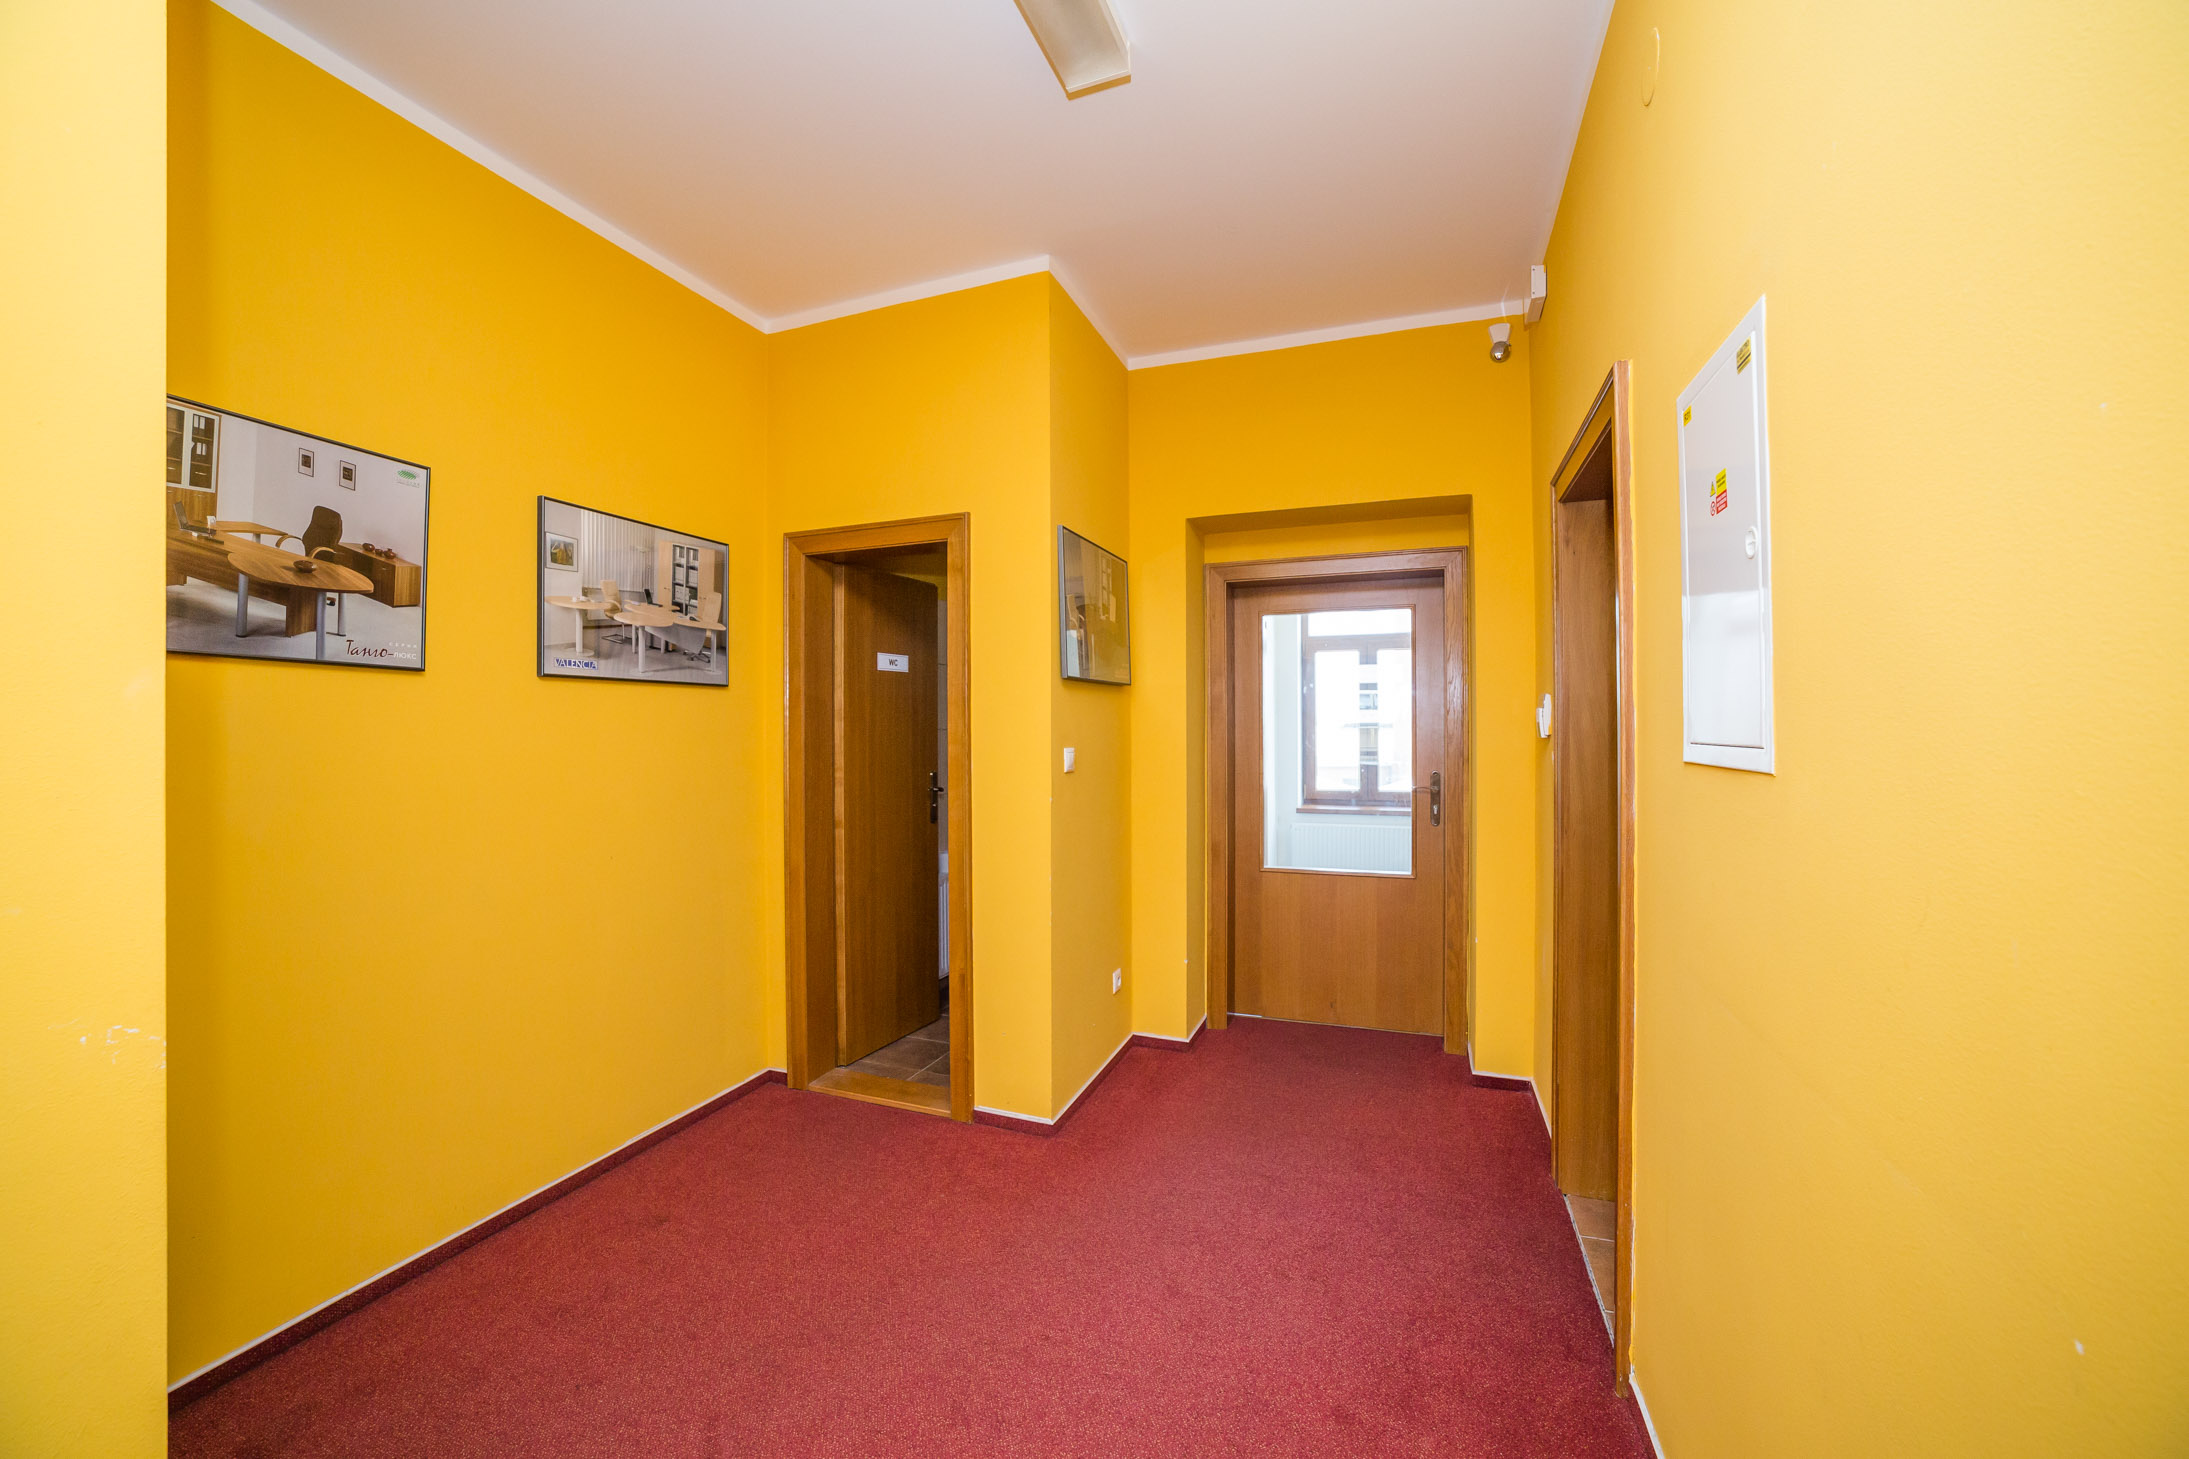 opava reality koberec zluta stena obraz dvere svetlo jistice strop zachod